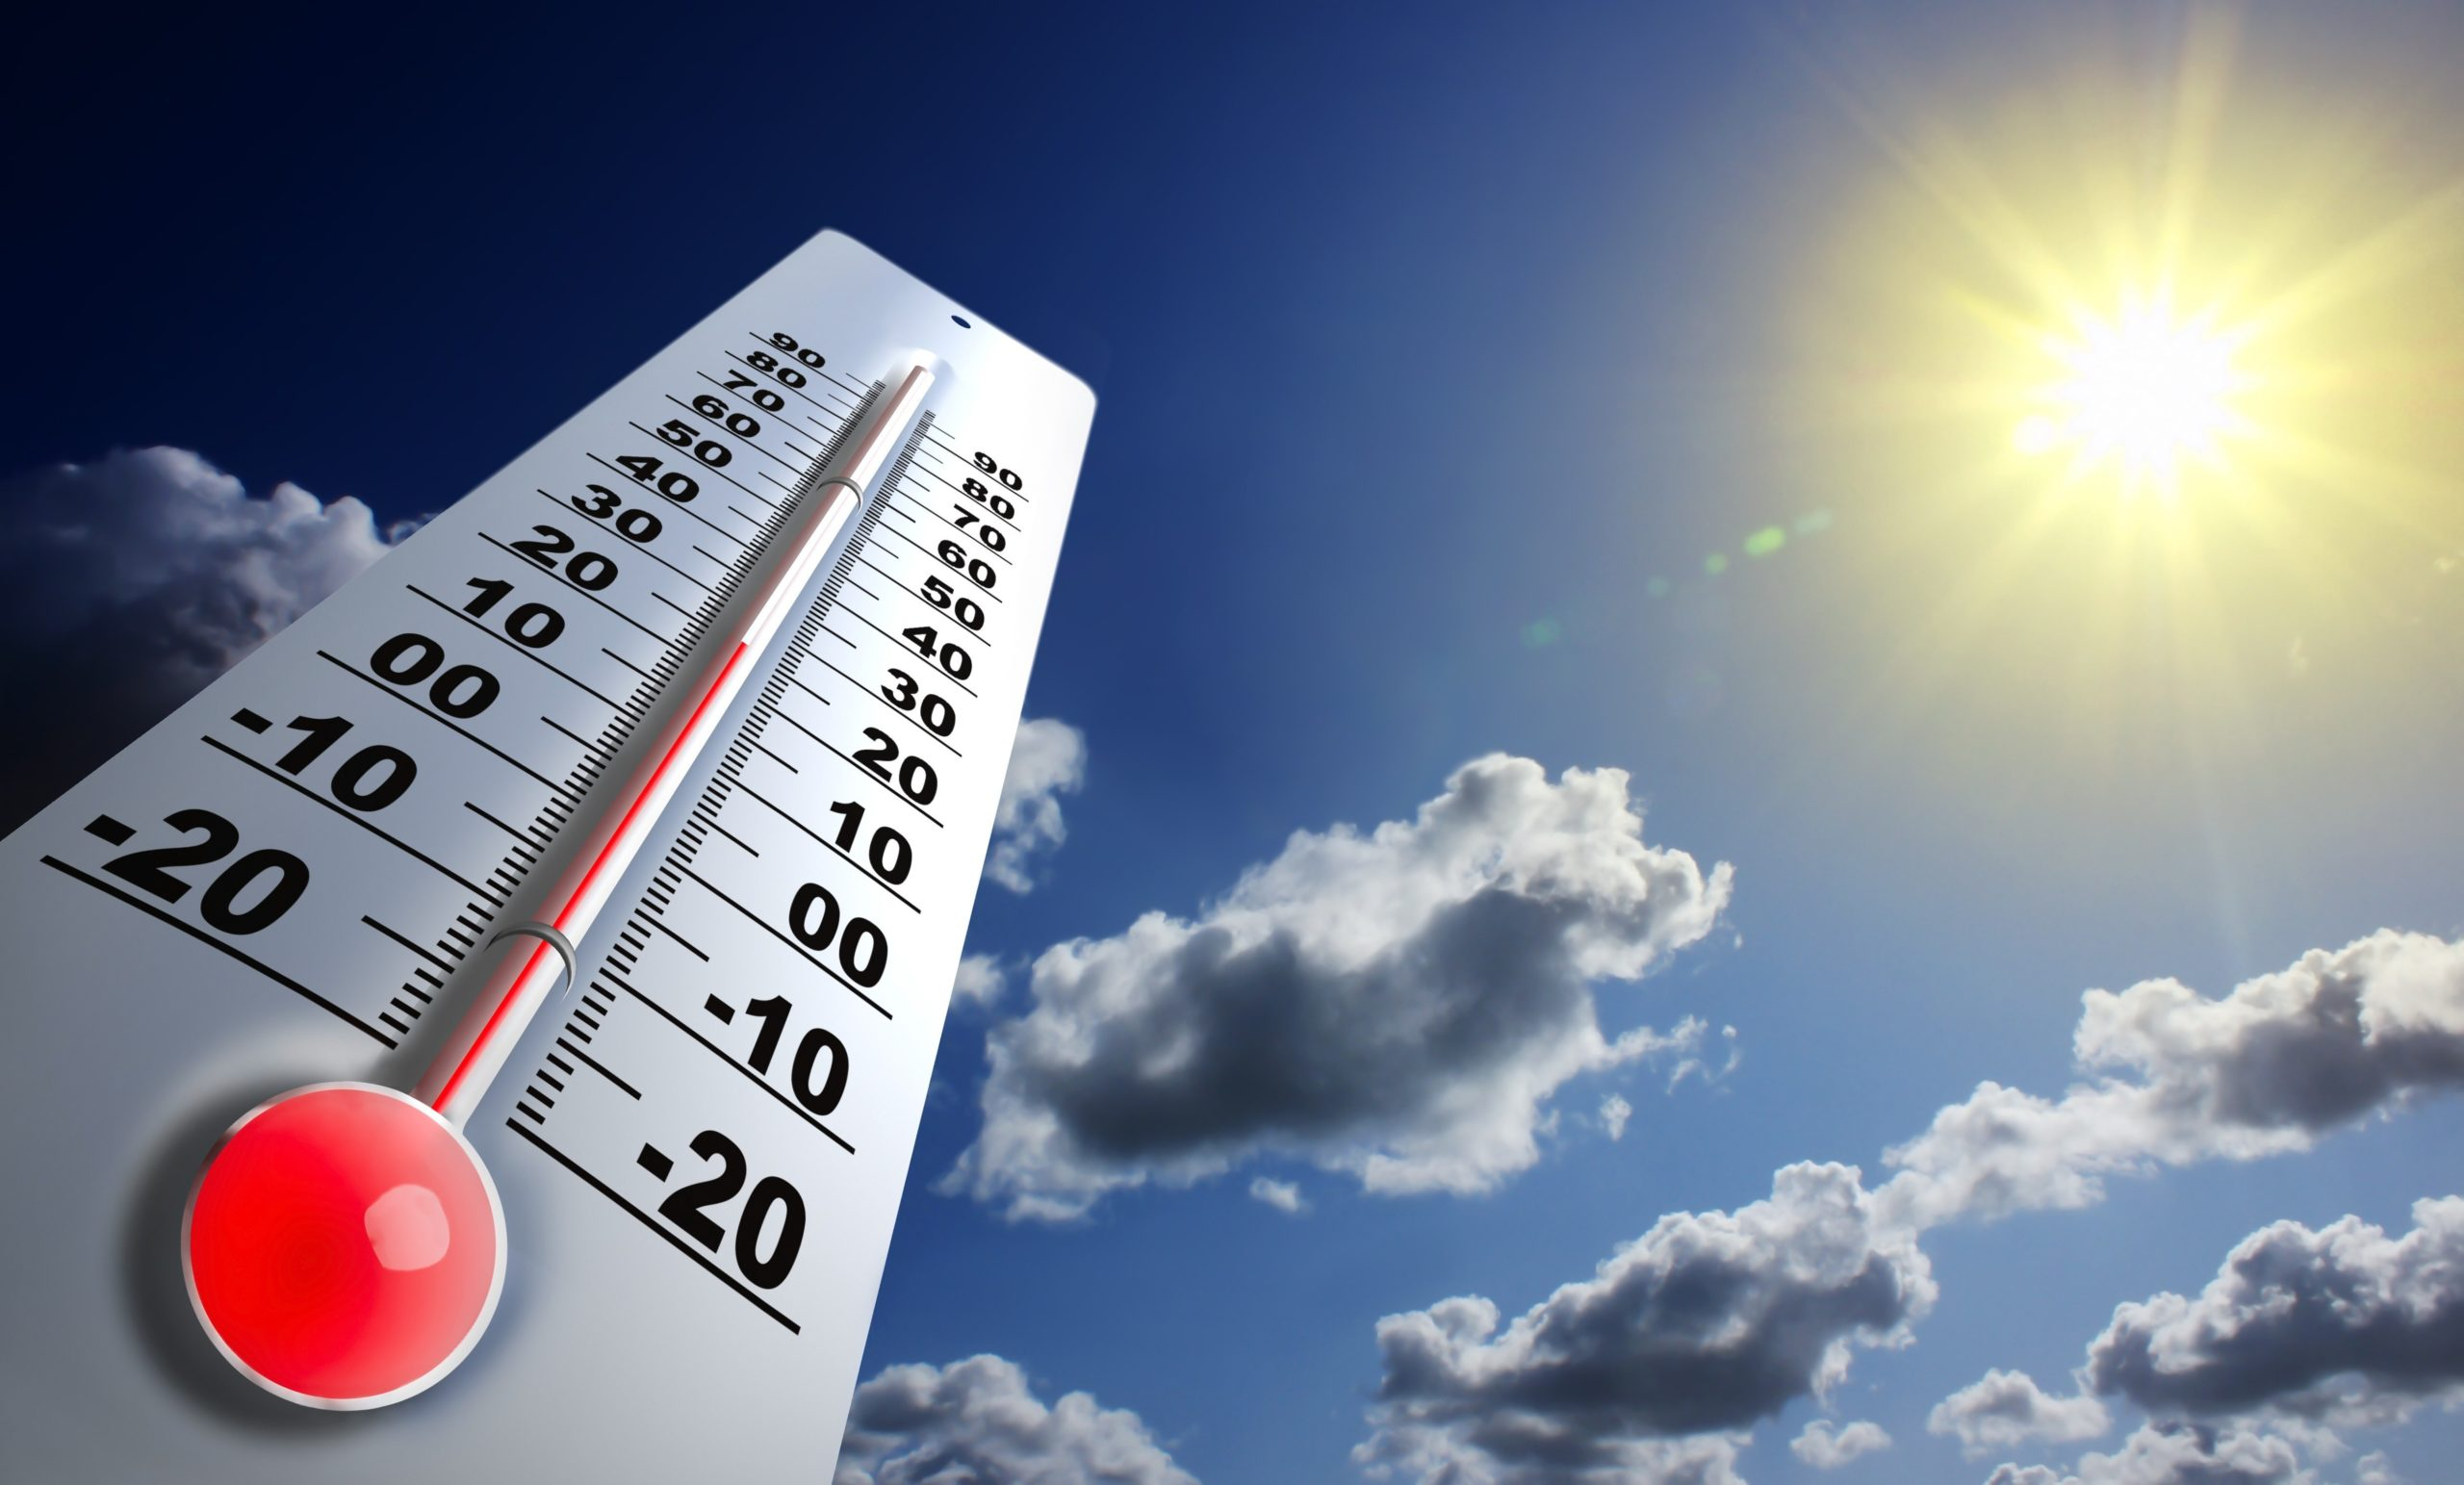 توقعات أحوال الطقس لليوم الإثنين